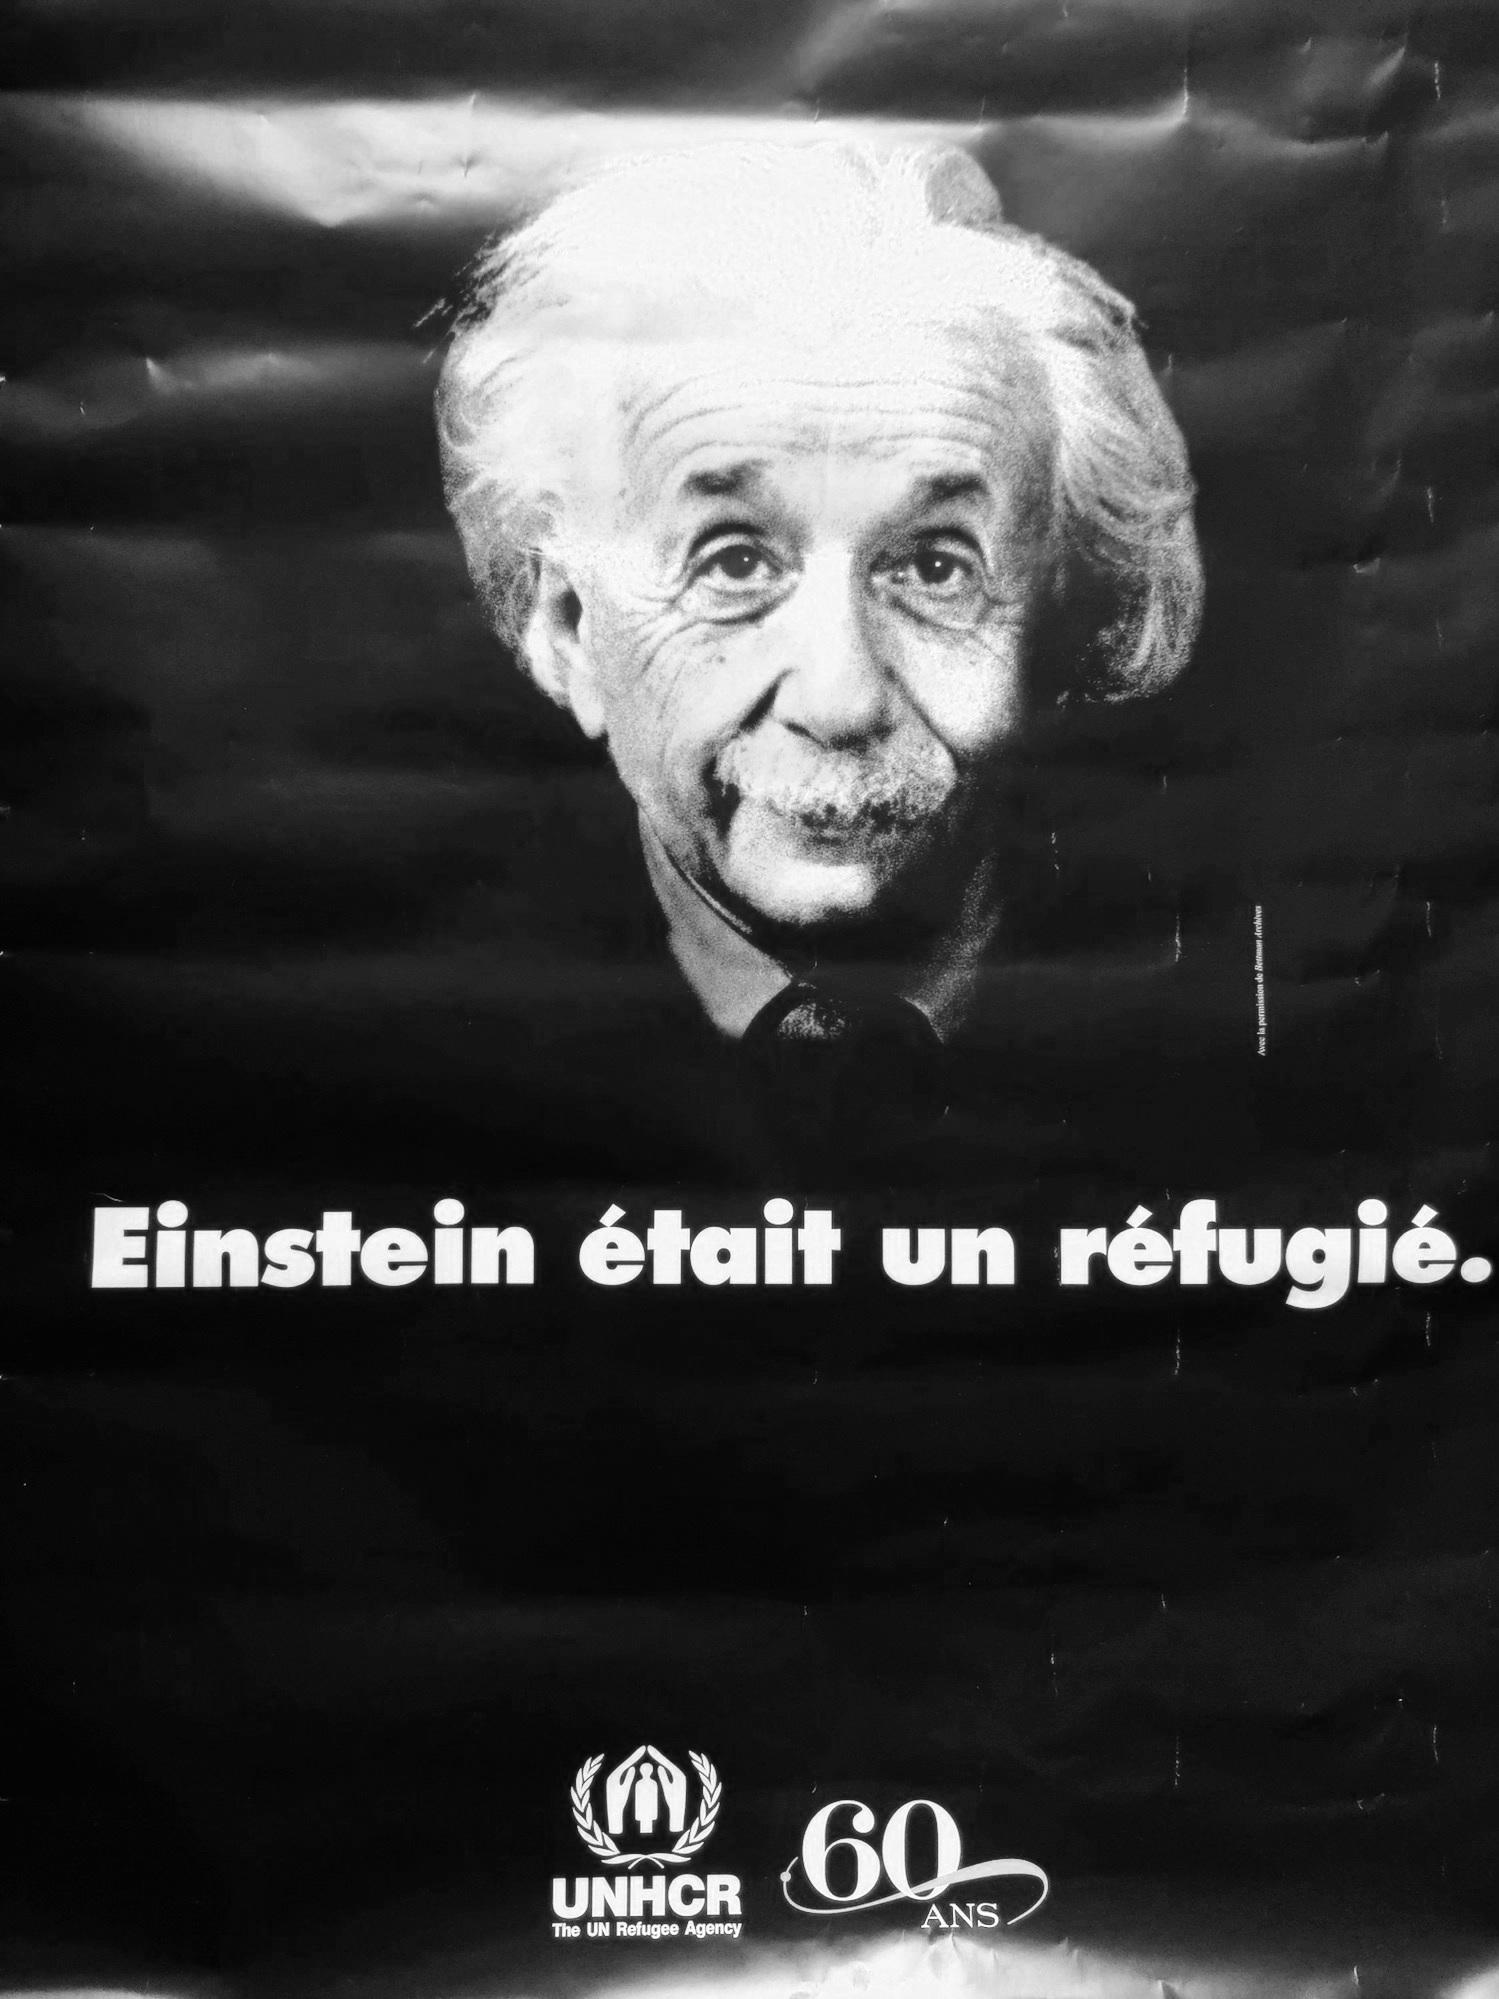 Einstein_refugee_UNHCR.jpg